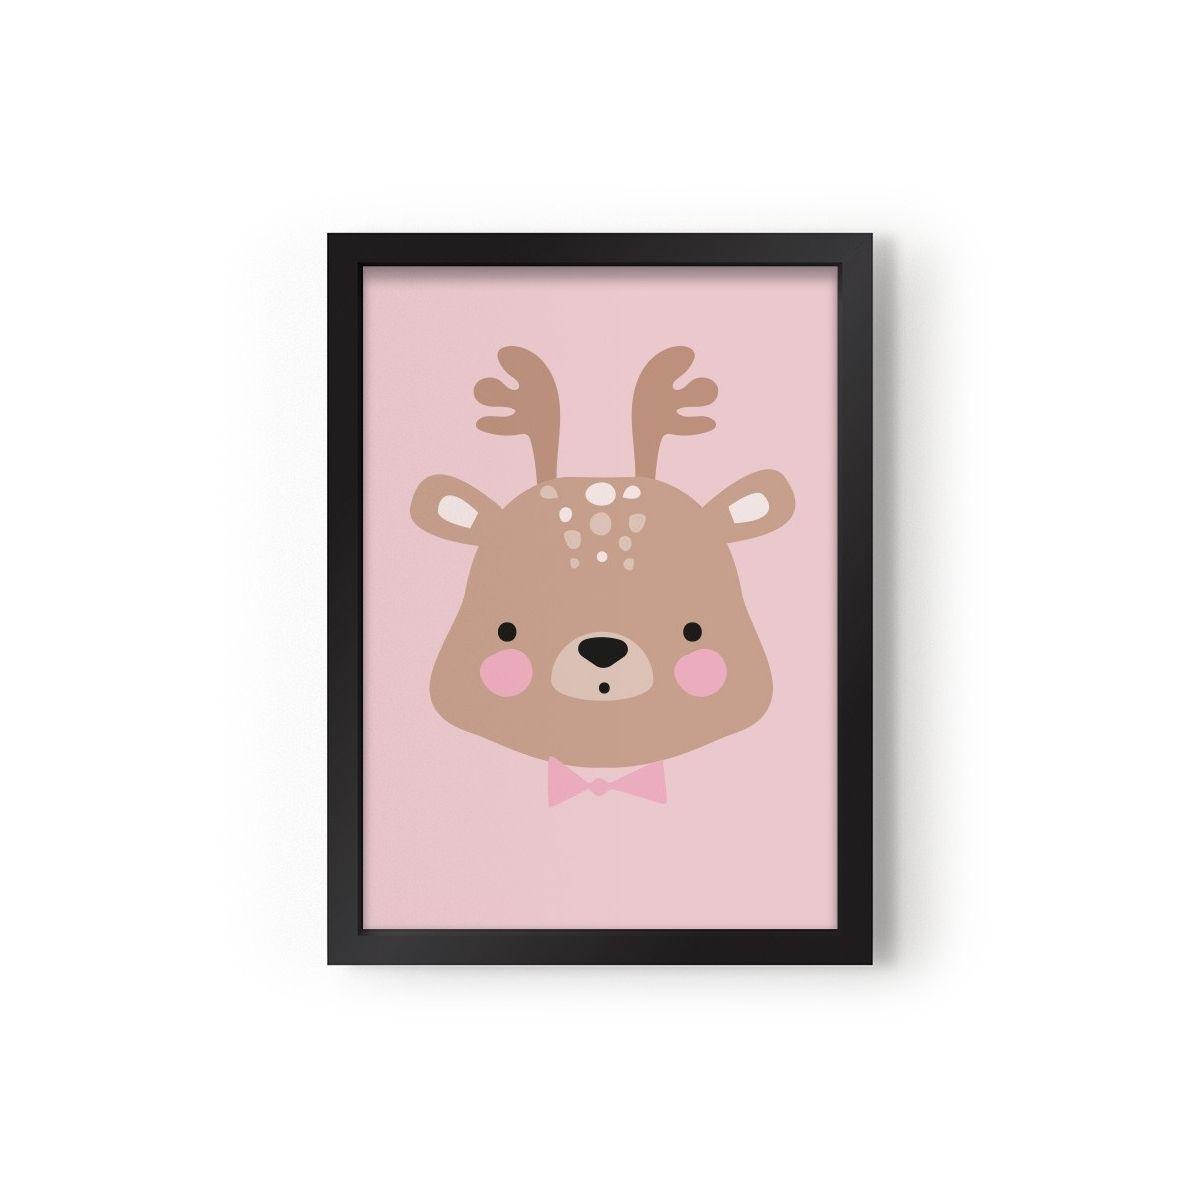 Eef Lillemor - Poster Ms. Deer - 1